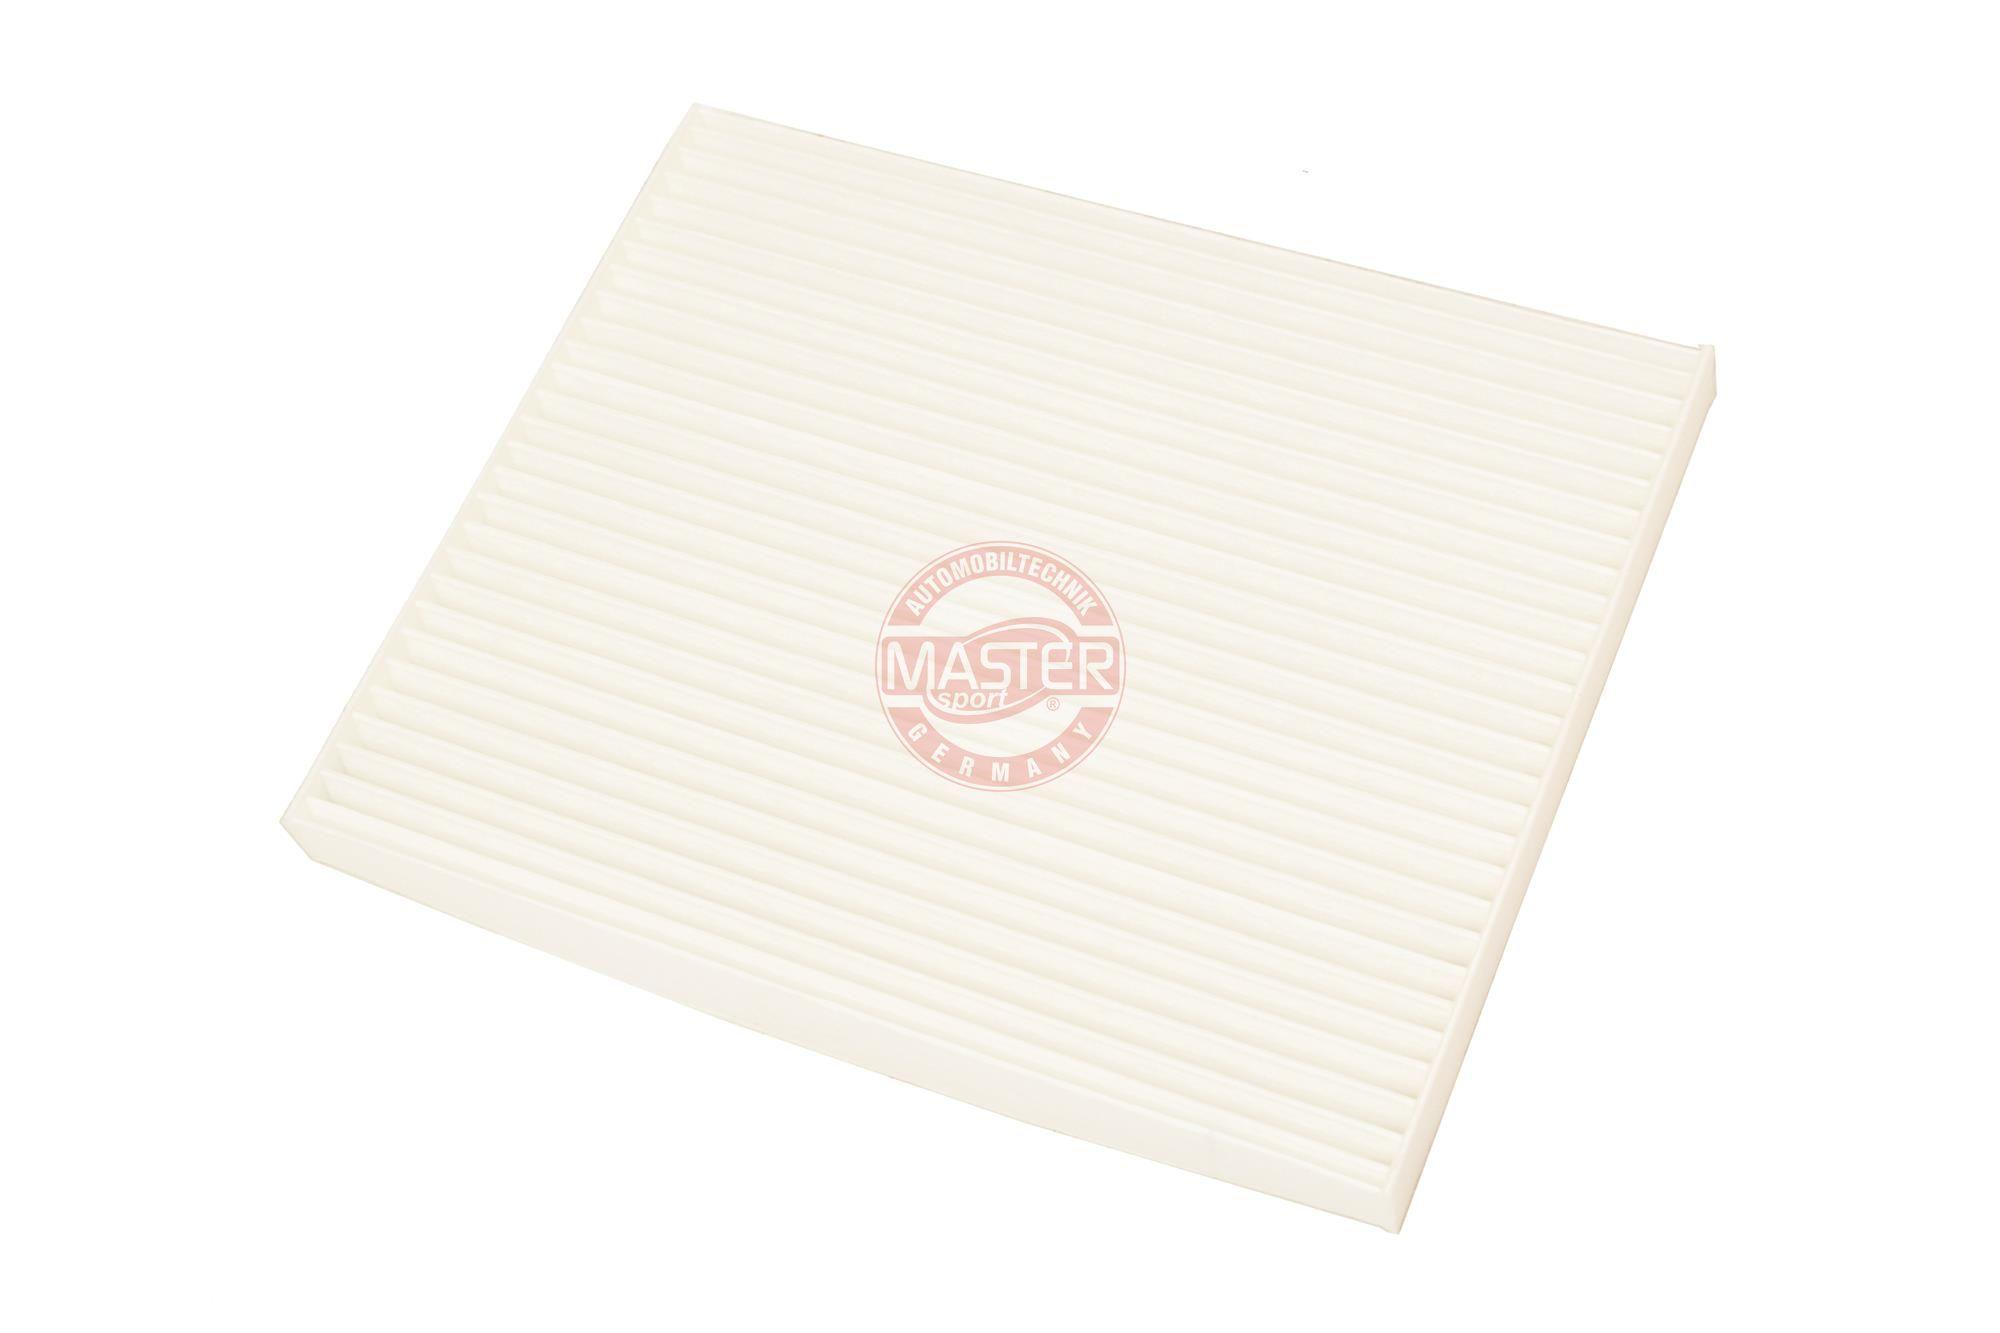 420240040 MASTER-SPORT Partikelfilter Breite: 238mm, Höhe: 20mm, Länge: 194mm Filter, Innenraumluft 24004-IF-PCS-MS günstig kaufen